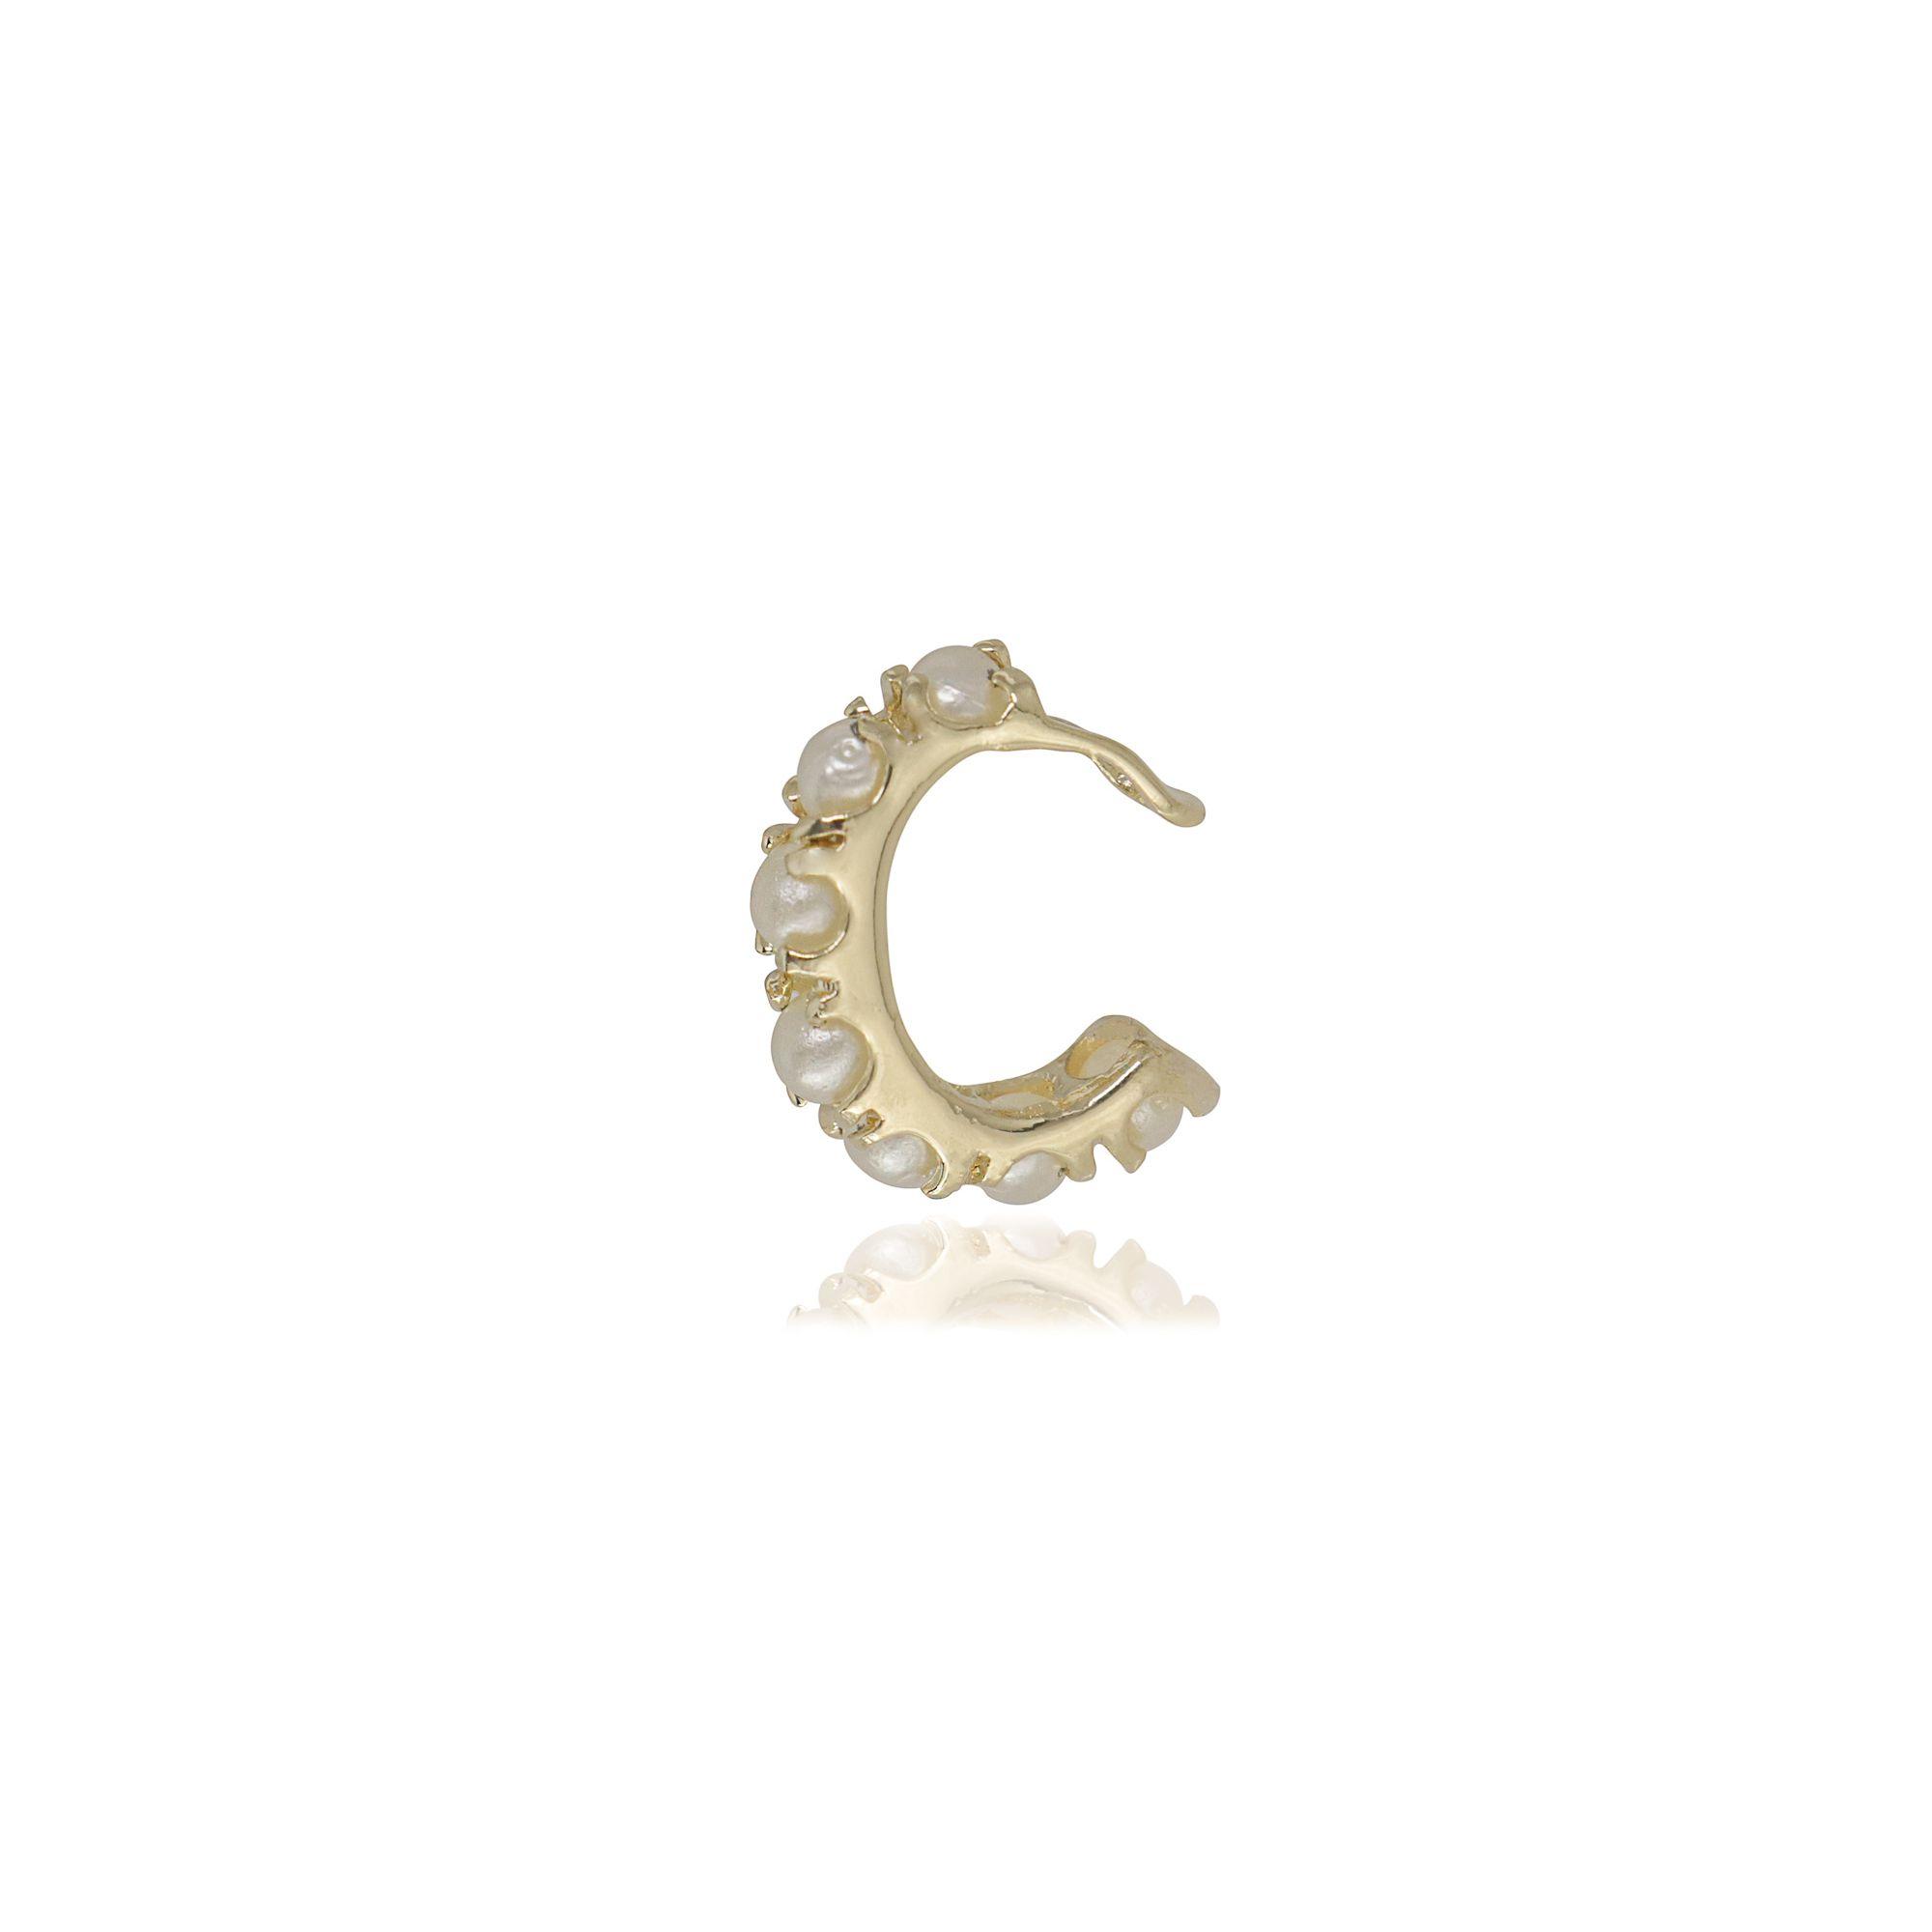 Piercing semijoia Perolinhas folheado a ouro 18k ou rhodium